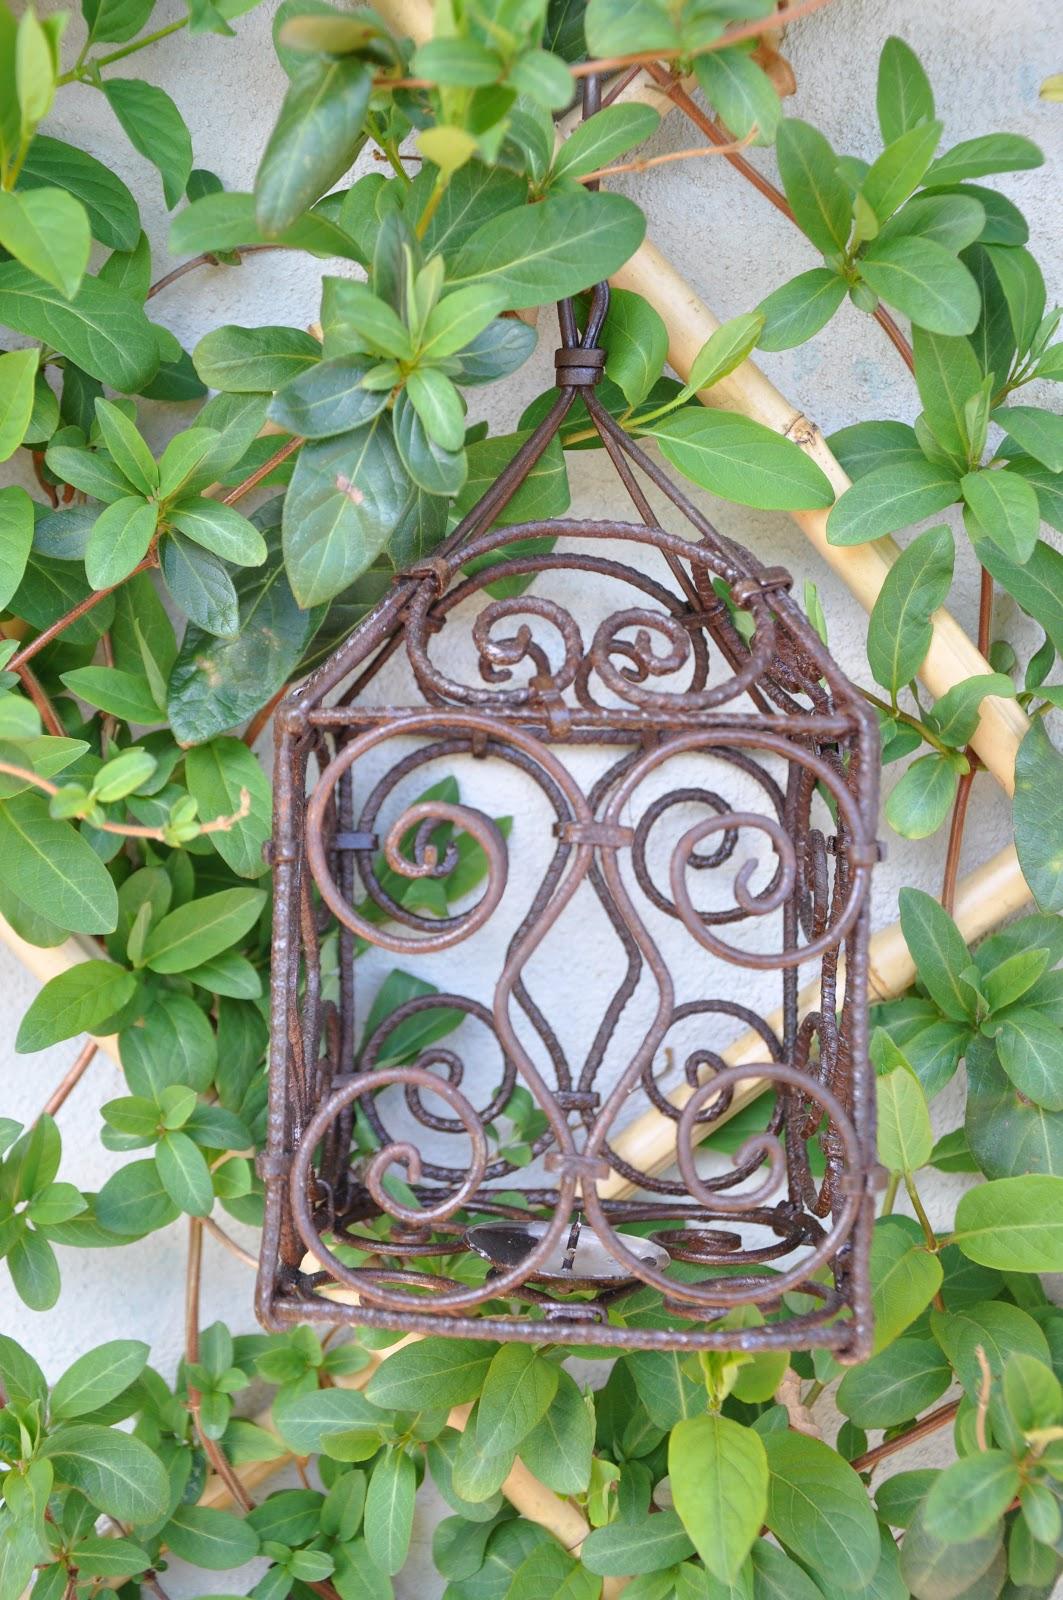 Il giardino del brocante come ho arredato la mia terrazza vintage antiche lanterne da esterni - Lanterne da esterno in ferro battuto ...